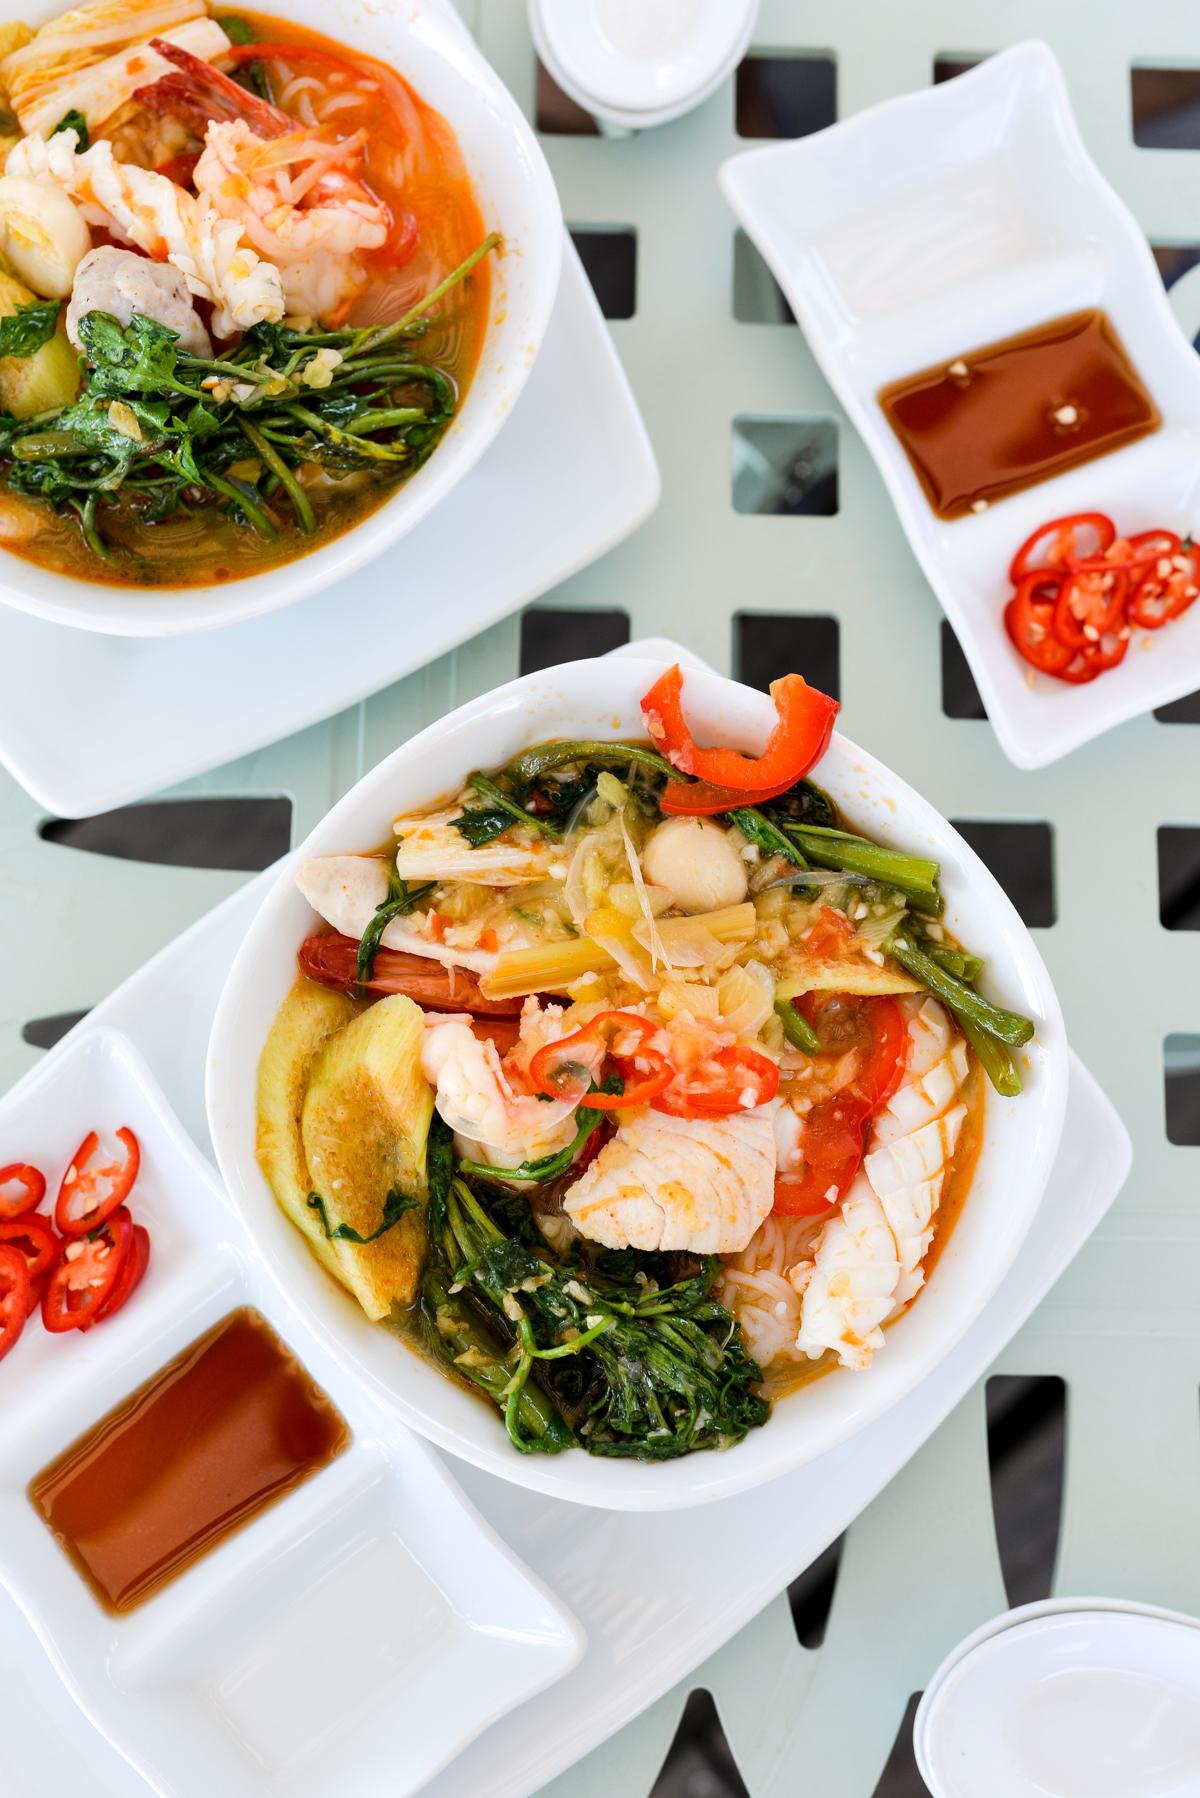 La Veranda's Vietnamese Hot Pot Recipe